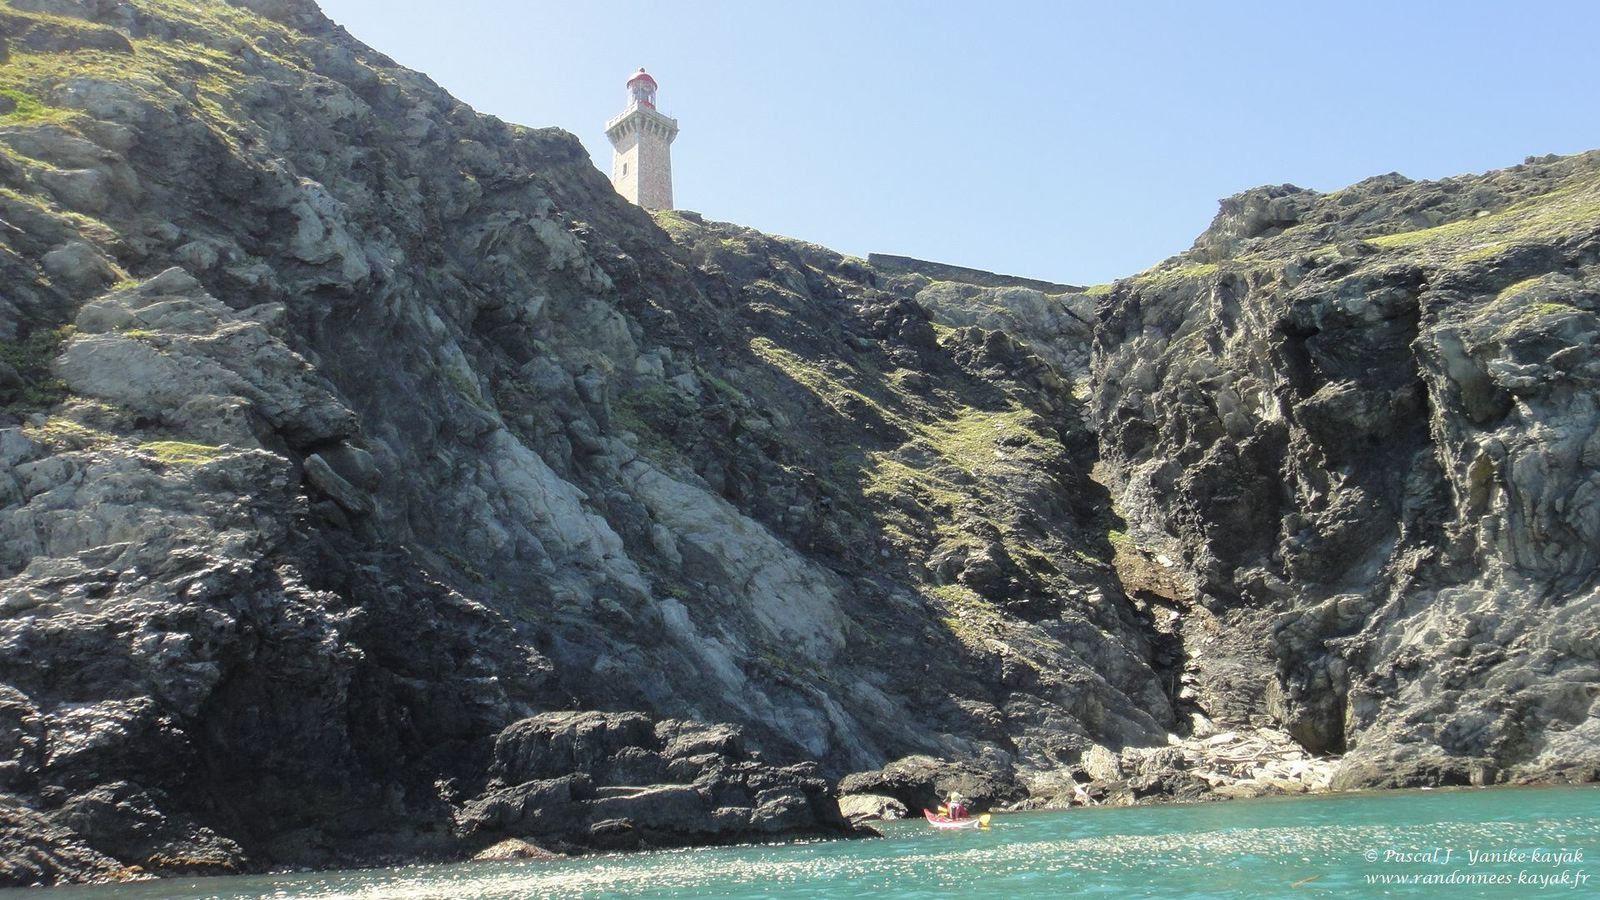 Méditerranée 2016 : Bernardi - Collioure